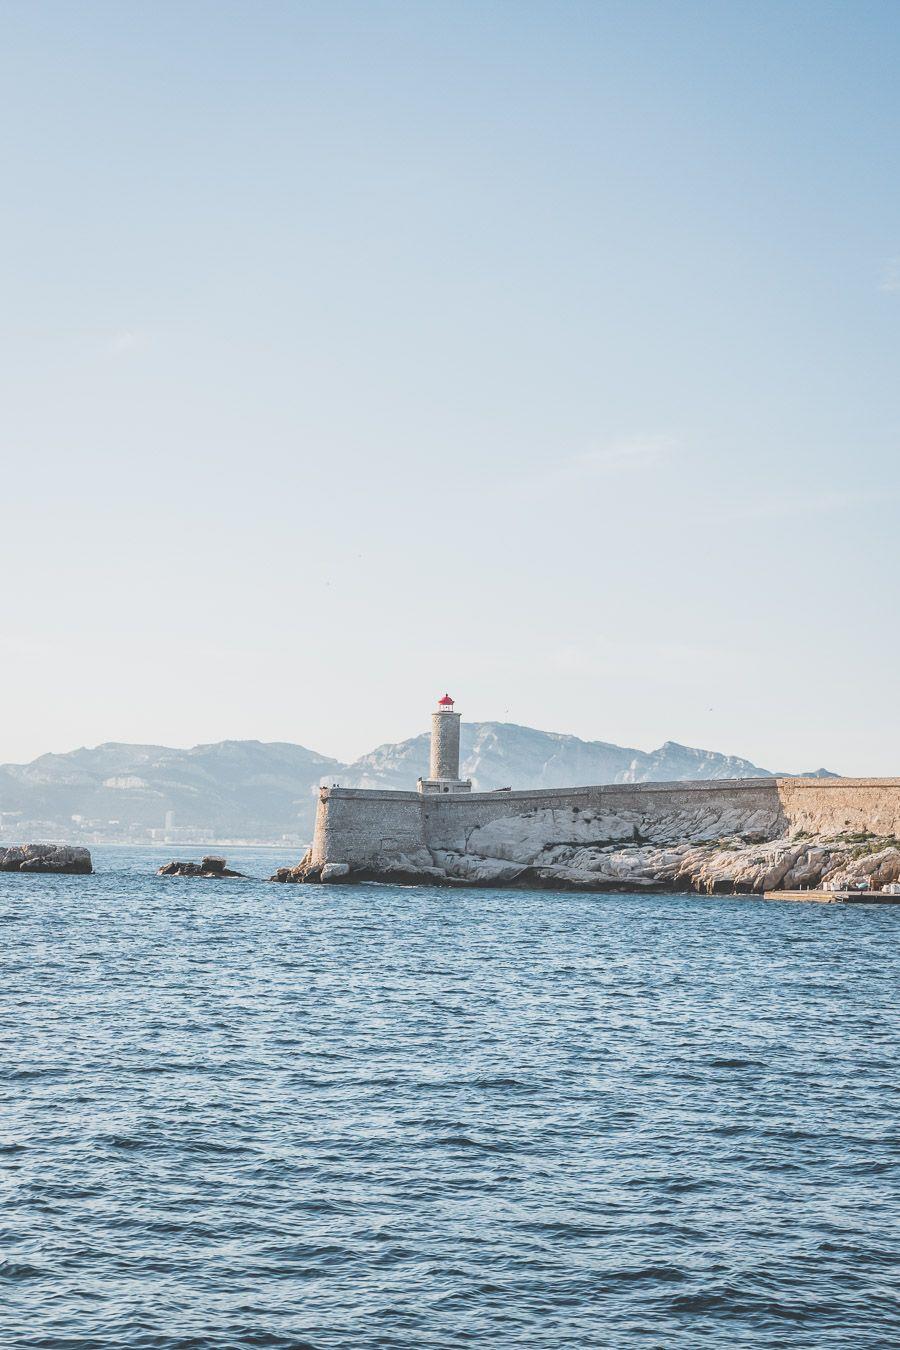 Tu es à Marseille et tu as envie de t'échapper du tumulte de la ville une journée? Tu planifies un voyage à Marseille? Suis le guide! Dans notre article, tu trouveras toutes les informations et beaucoup de photos qui te guideront dans ton excursion pour visiter les Iles du Frioul #marseille #frioul #mediterranée #france #provence #vacances / Randonnées / Baignade à Marseille / Vacances en France / Provence / Voyages en France / Nature / Destination nature / Plage Marseille / Calanques / Voyages